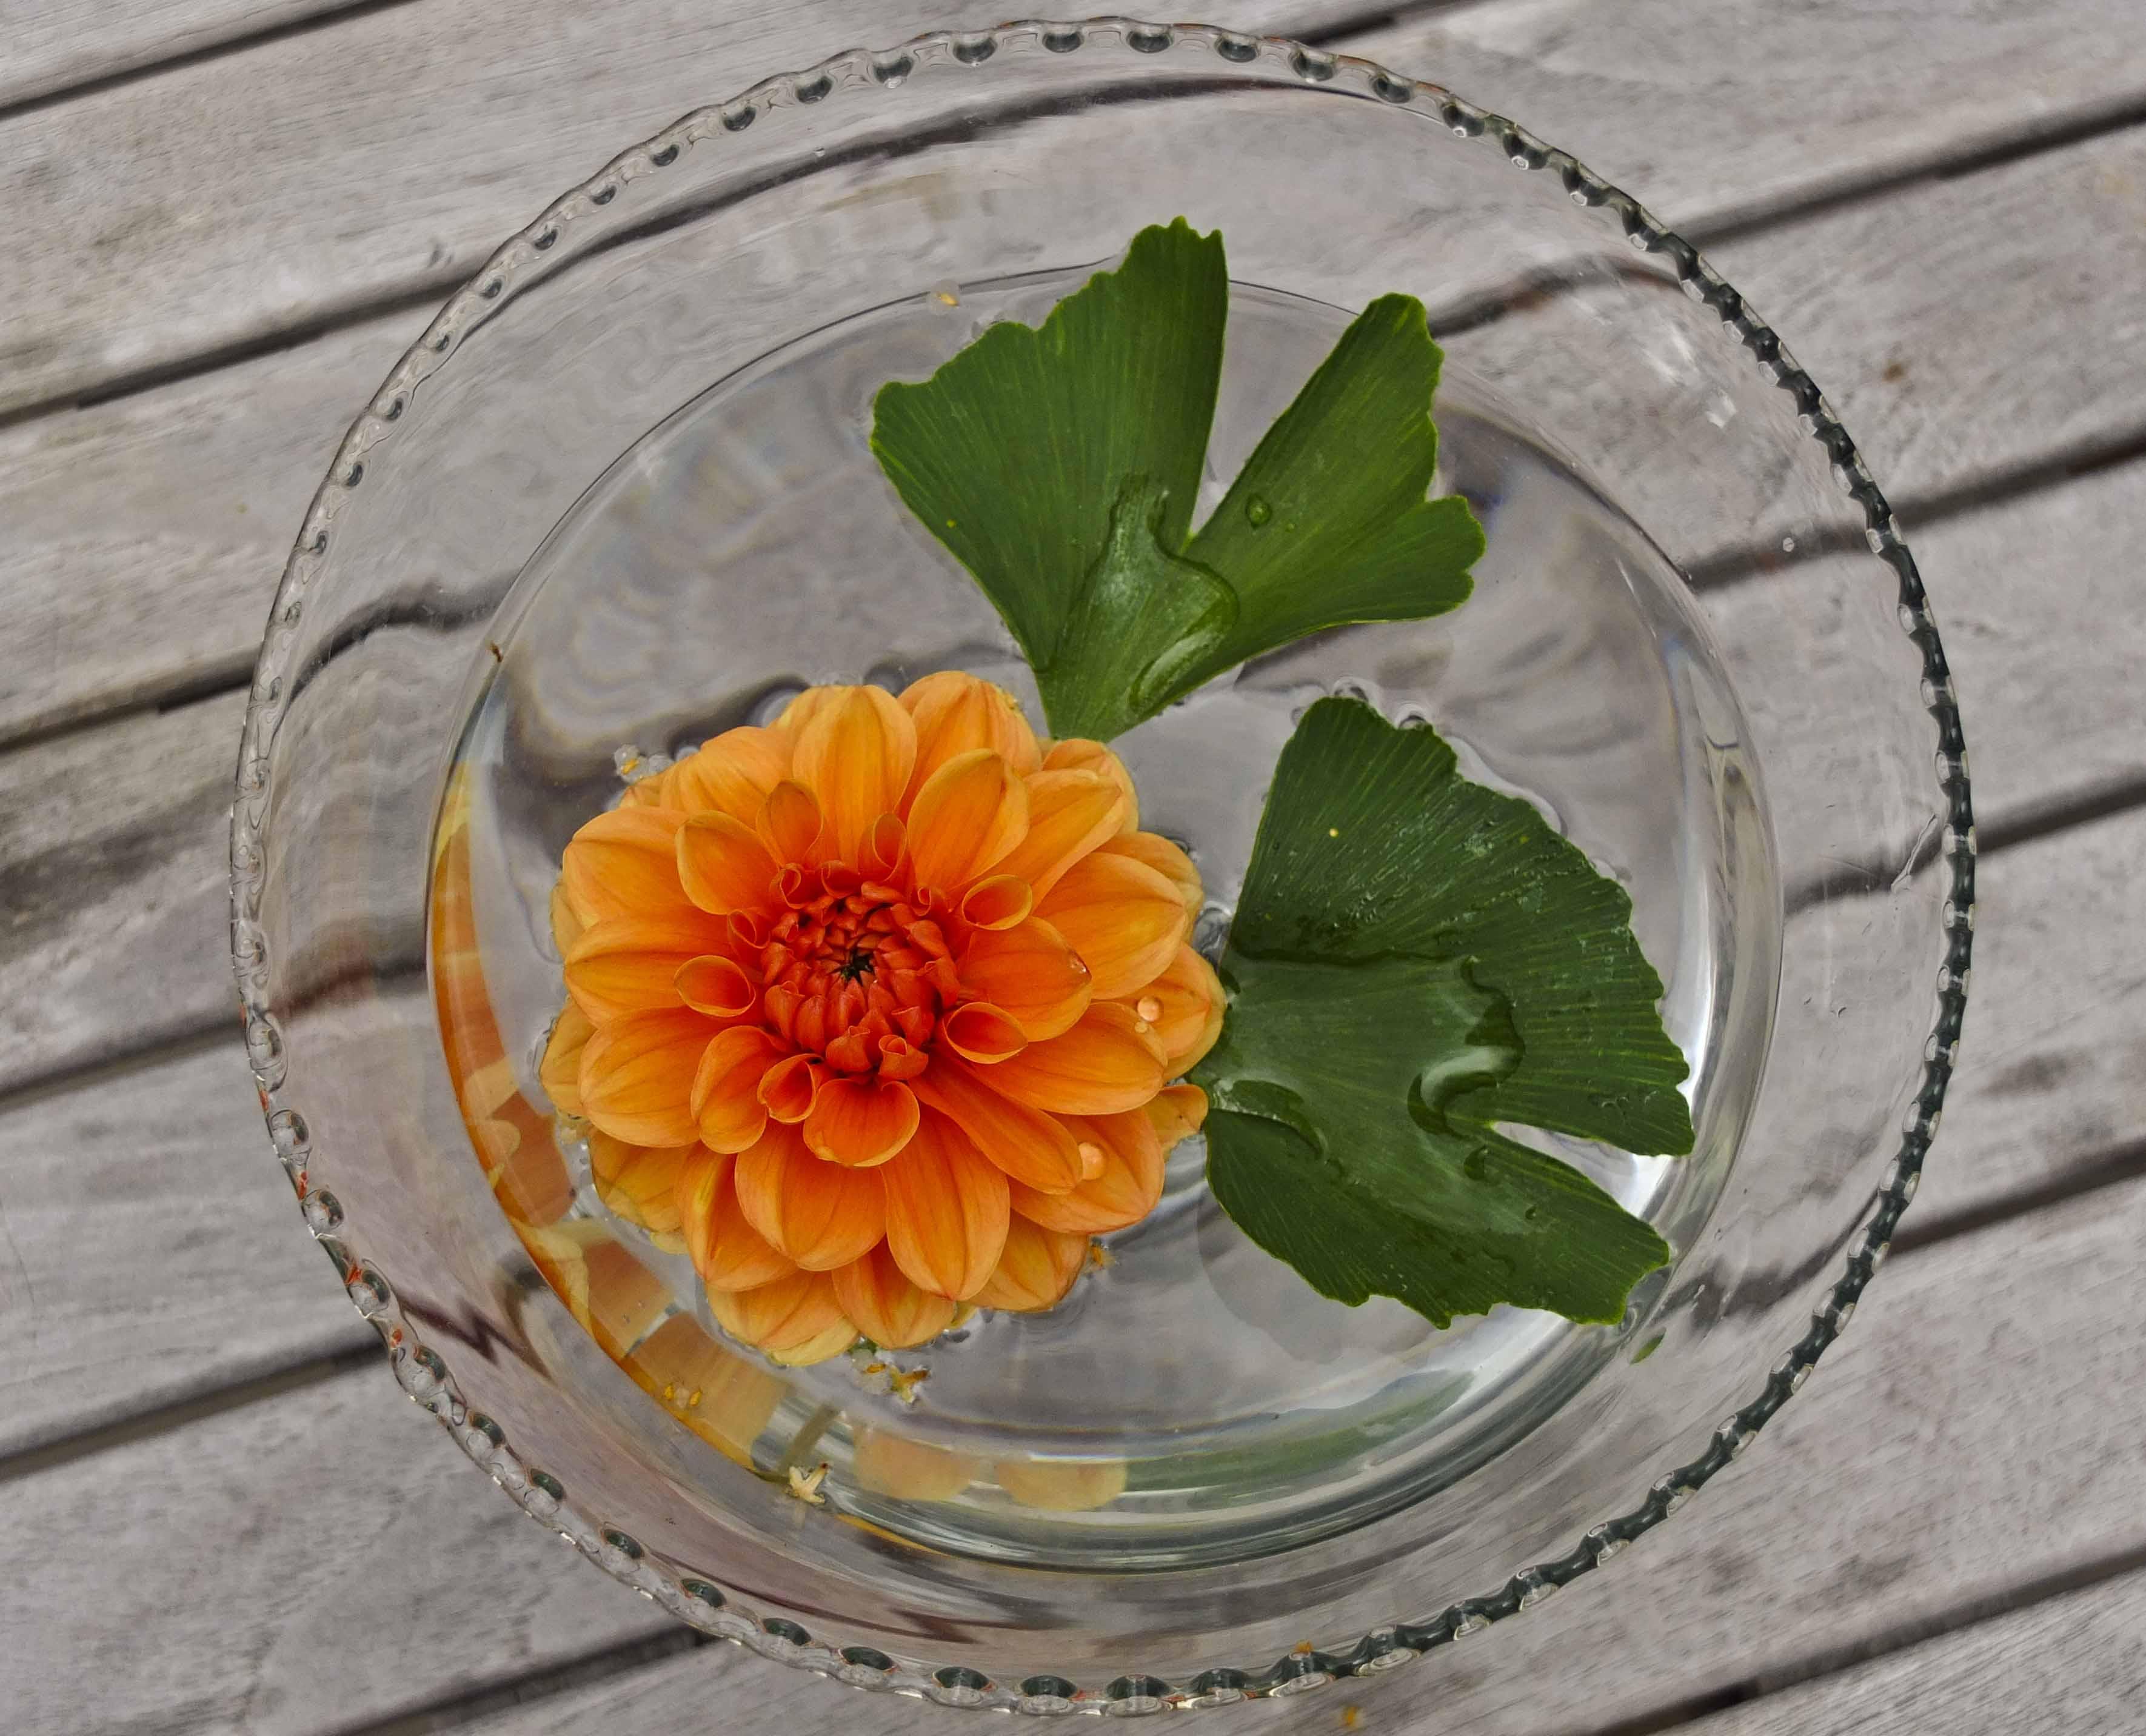 Orange pompon Georgine og to Ginko Bilobablader i glassskålen. Greit å sette ut på terassebordet siden det ikke blir vindfang, men bare vannfang.